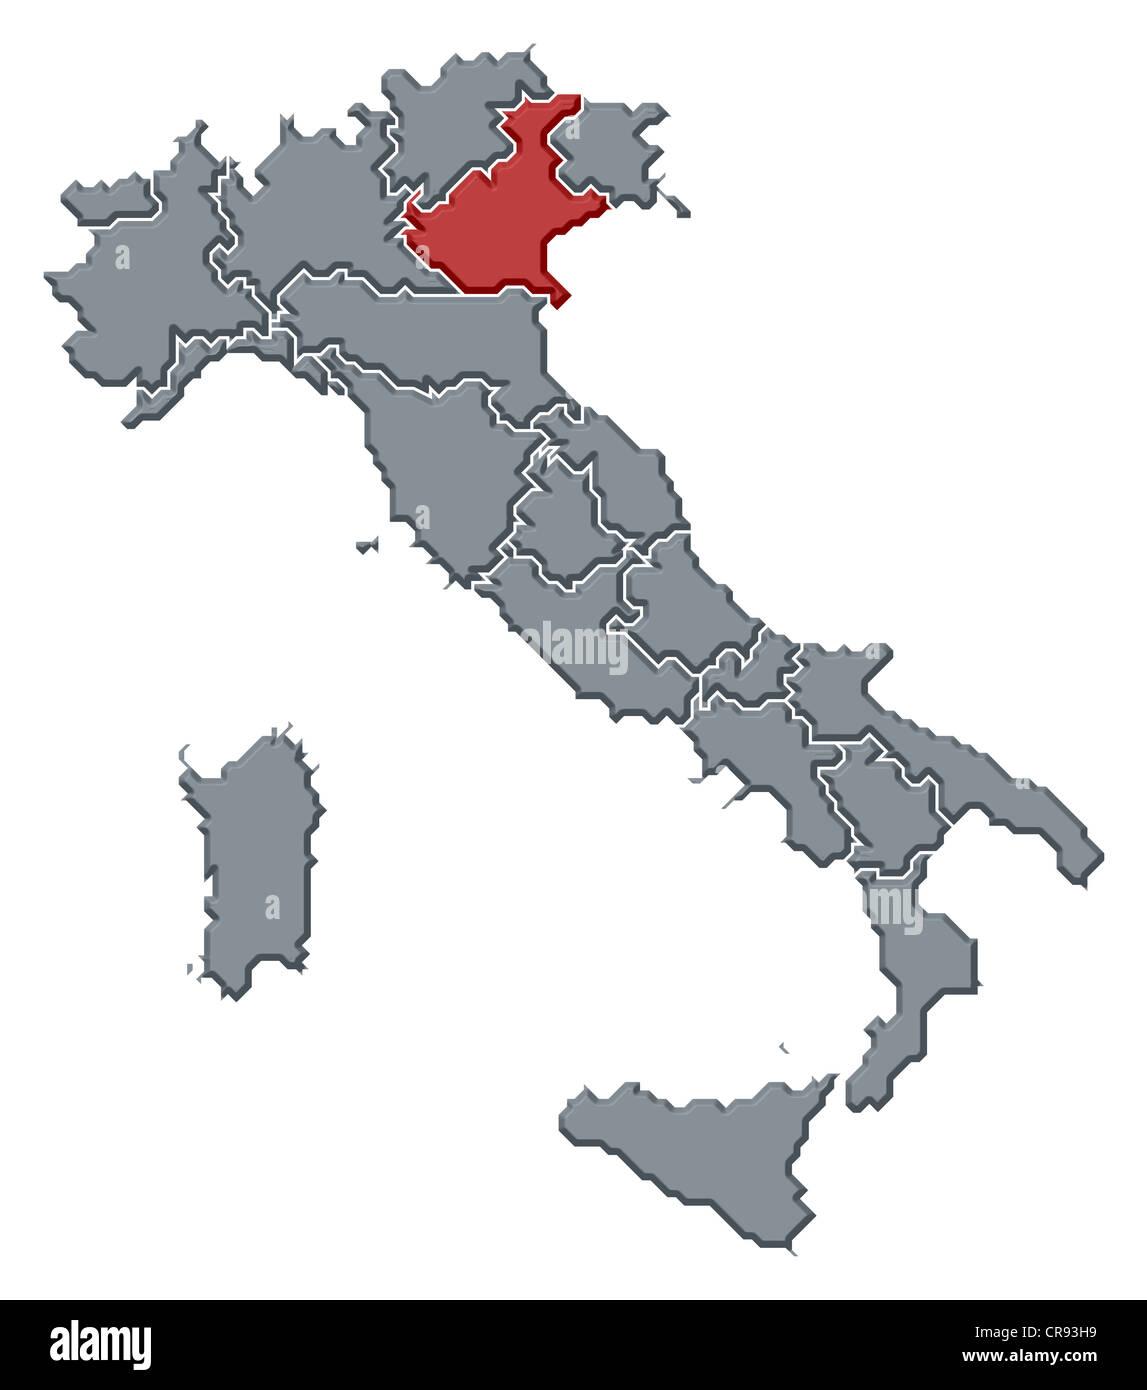 Cartina Italia Politica Veneto.Mappa Politica Dell Italia Con Le Diverse Regioni Dove Il Veneto E Evidenziata Foto Stock Alamy